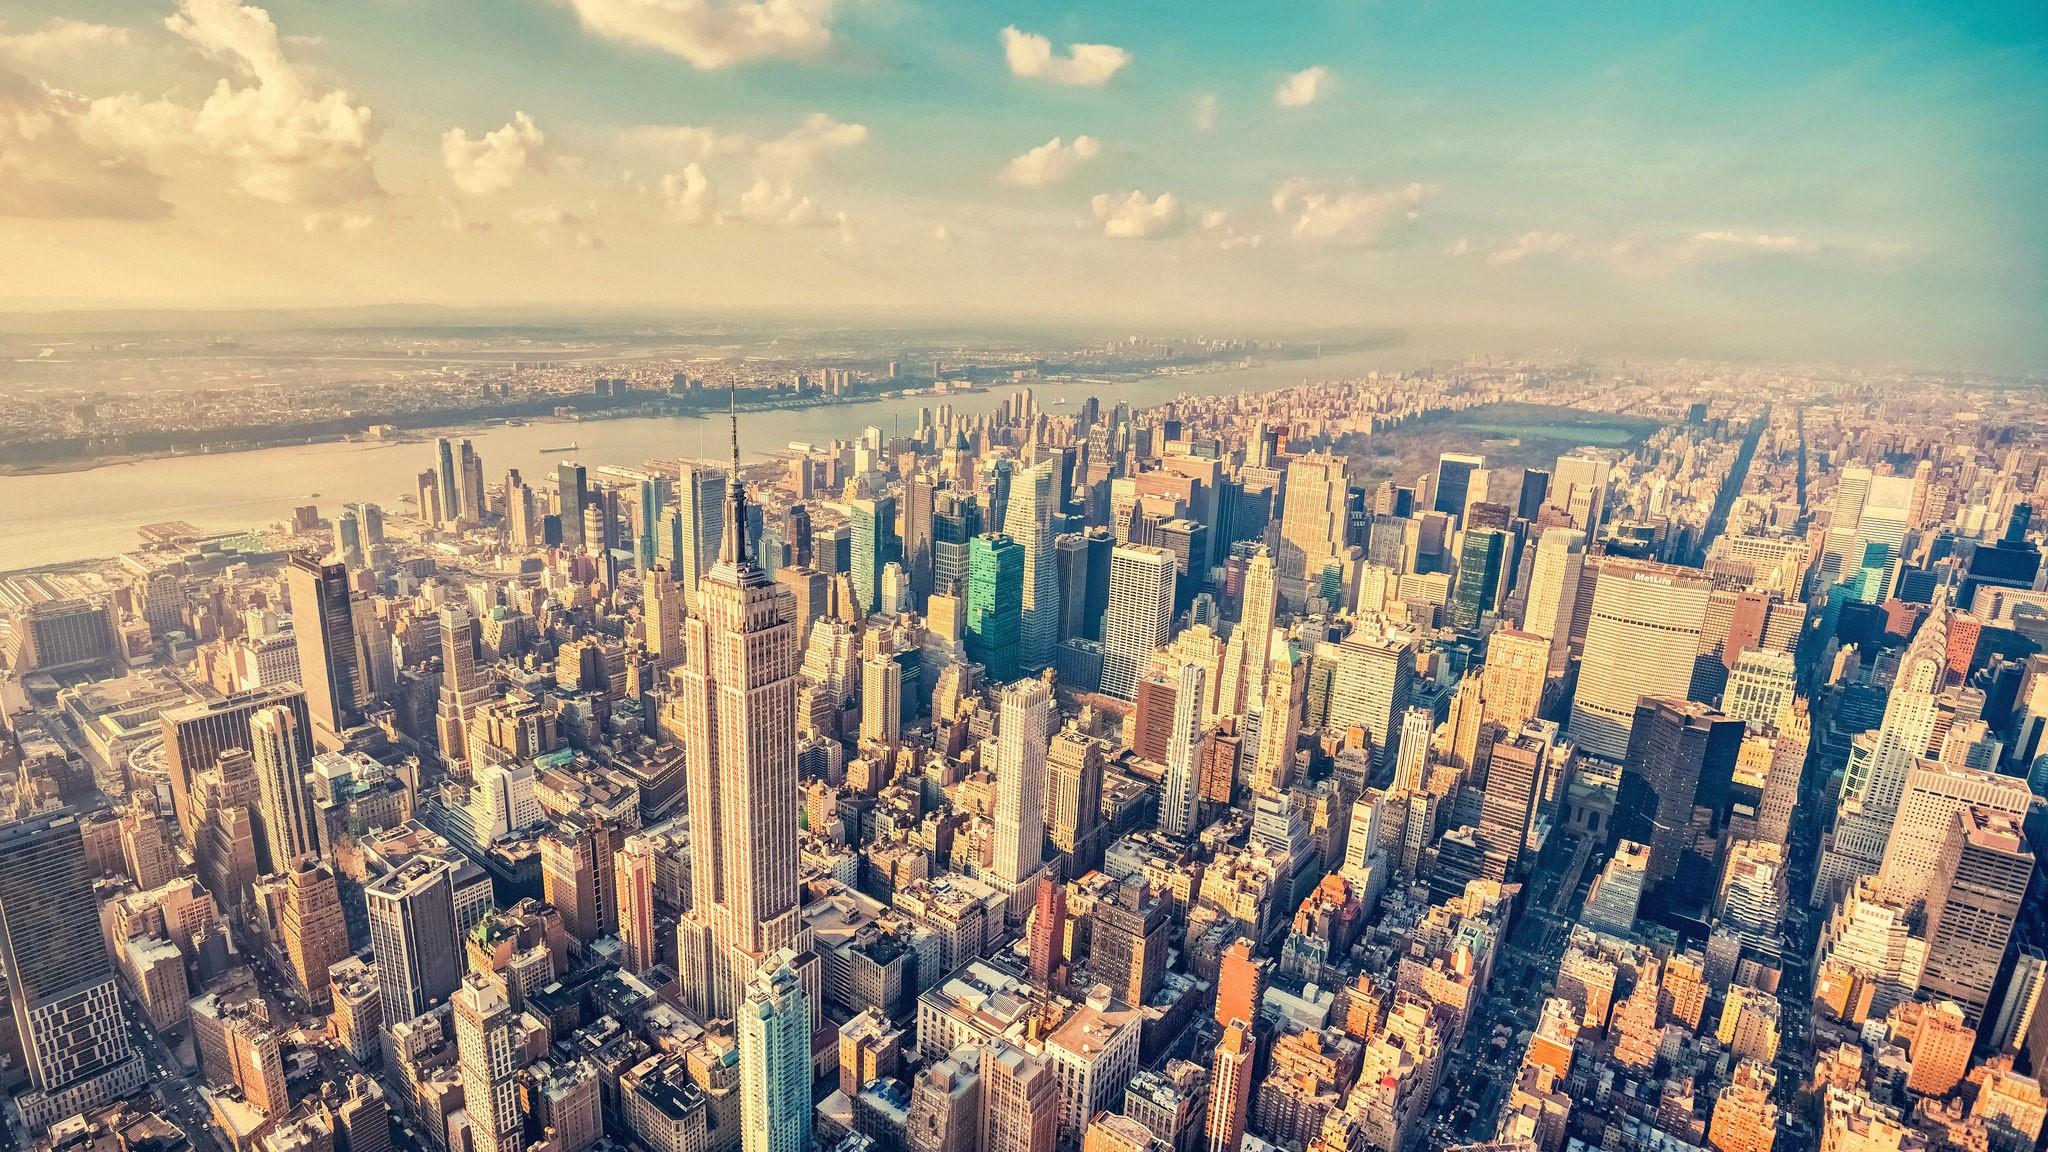 New York Background image